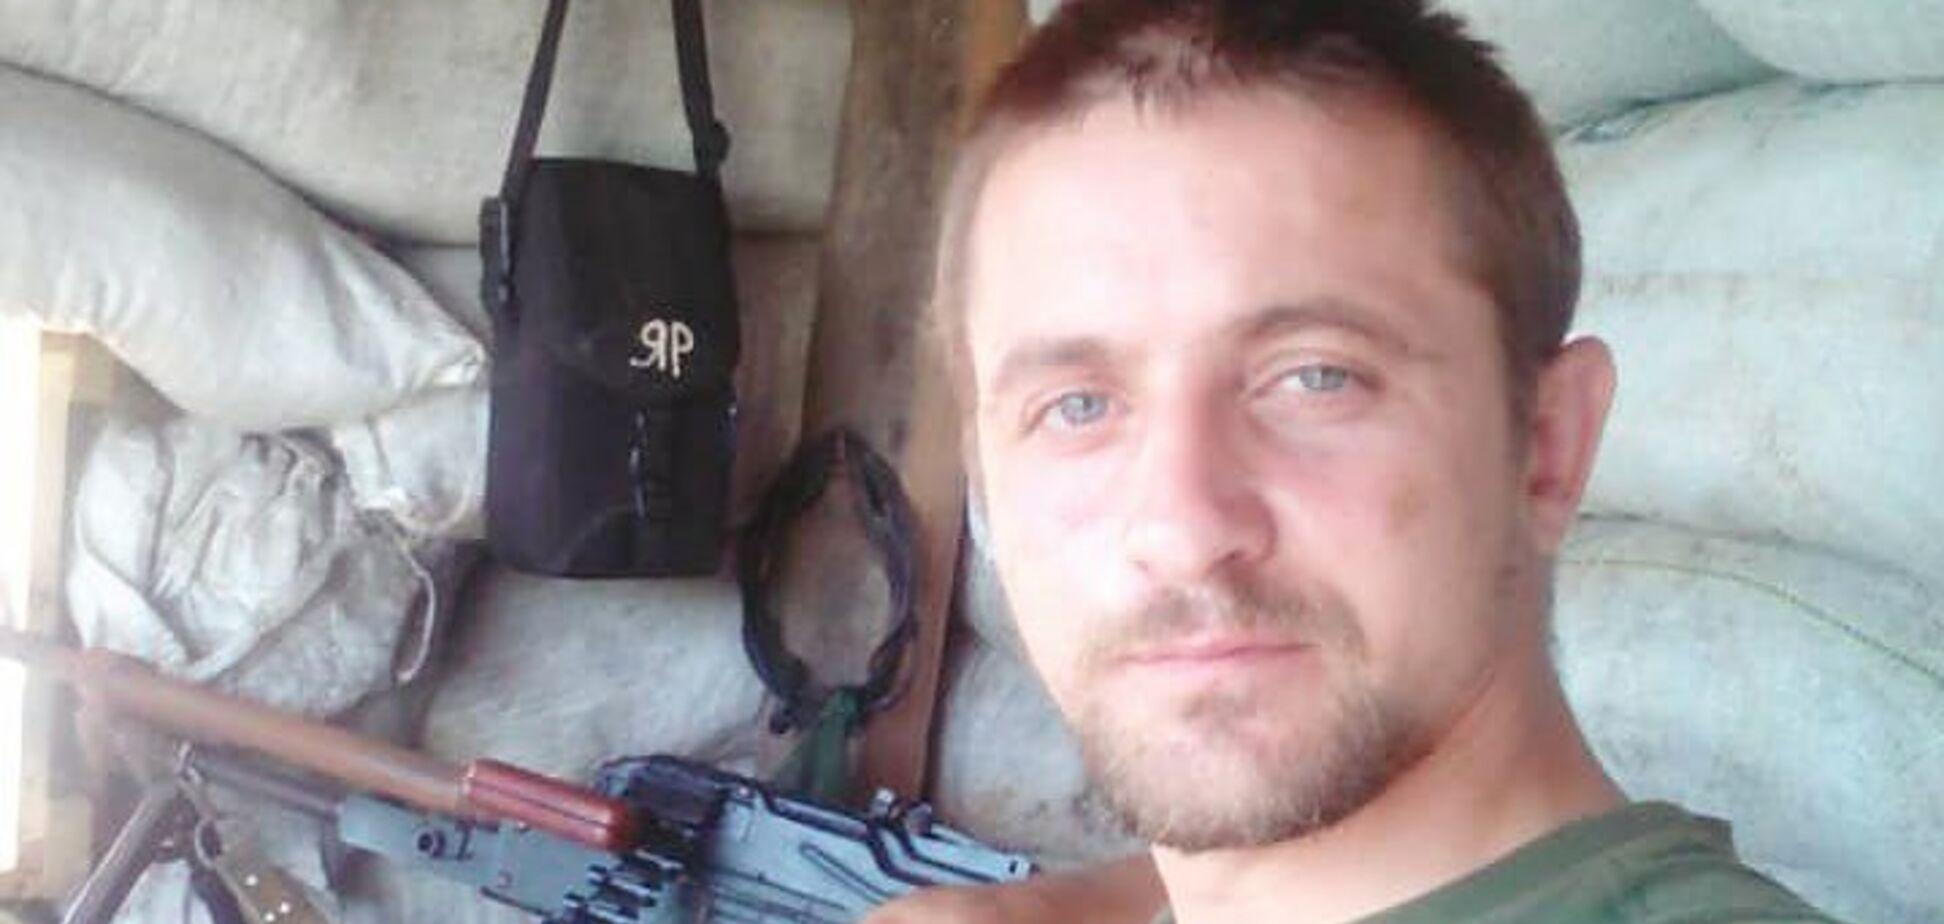 Выкрали, пытали и засудили в 'ДНР': пропавшего бойца ВСУ 'забыли' и назвали дезертиром